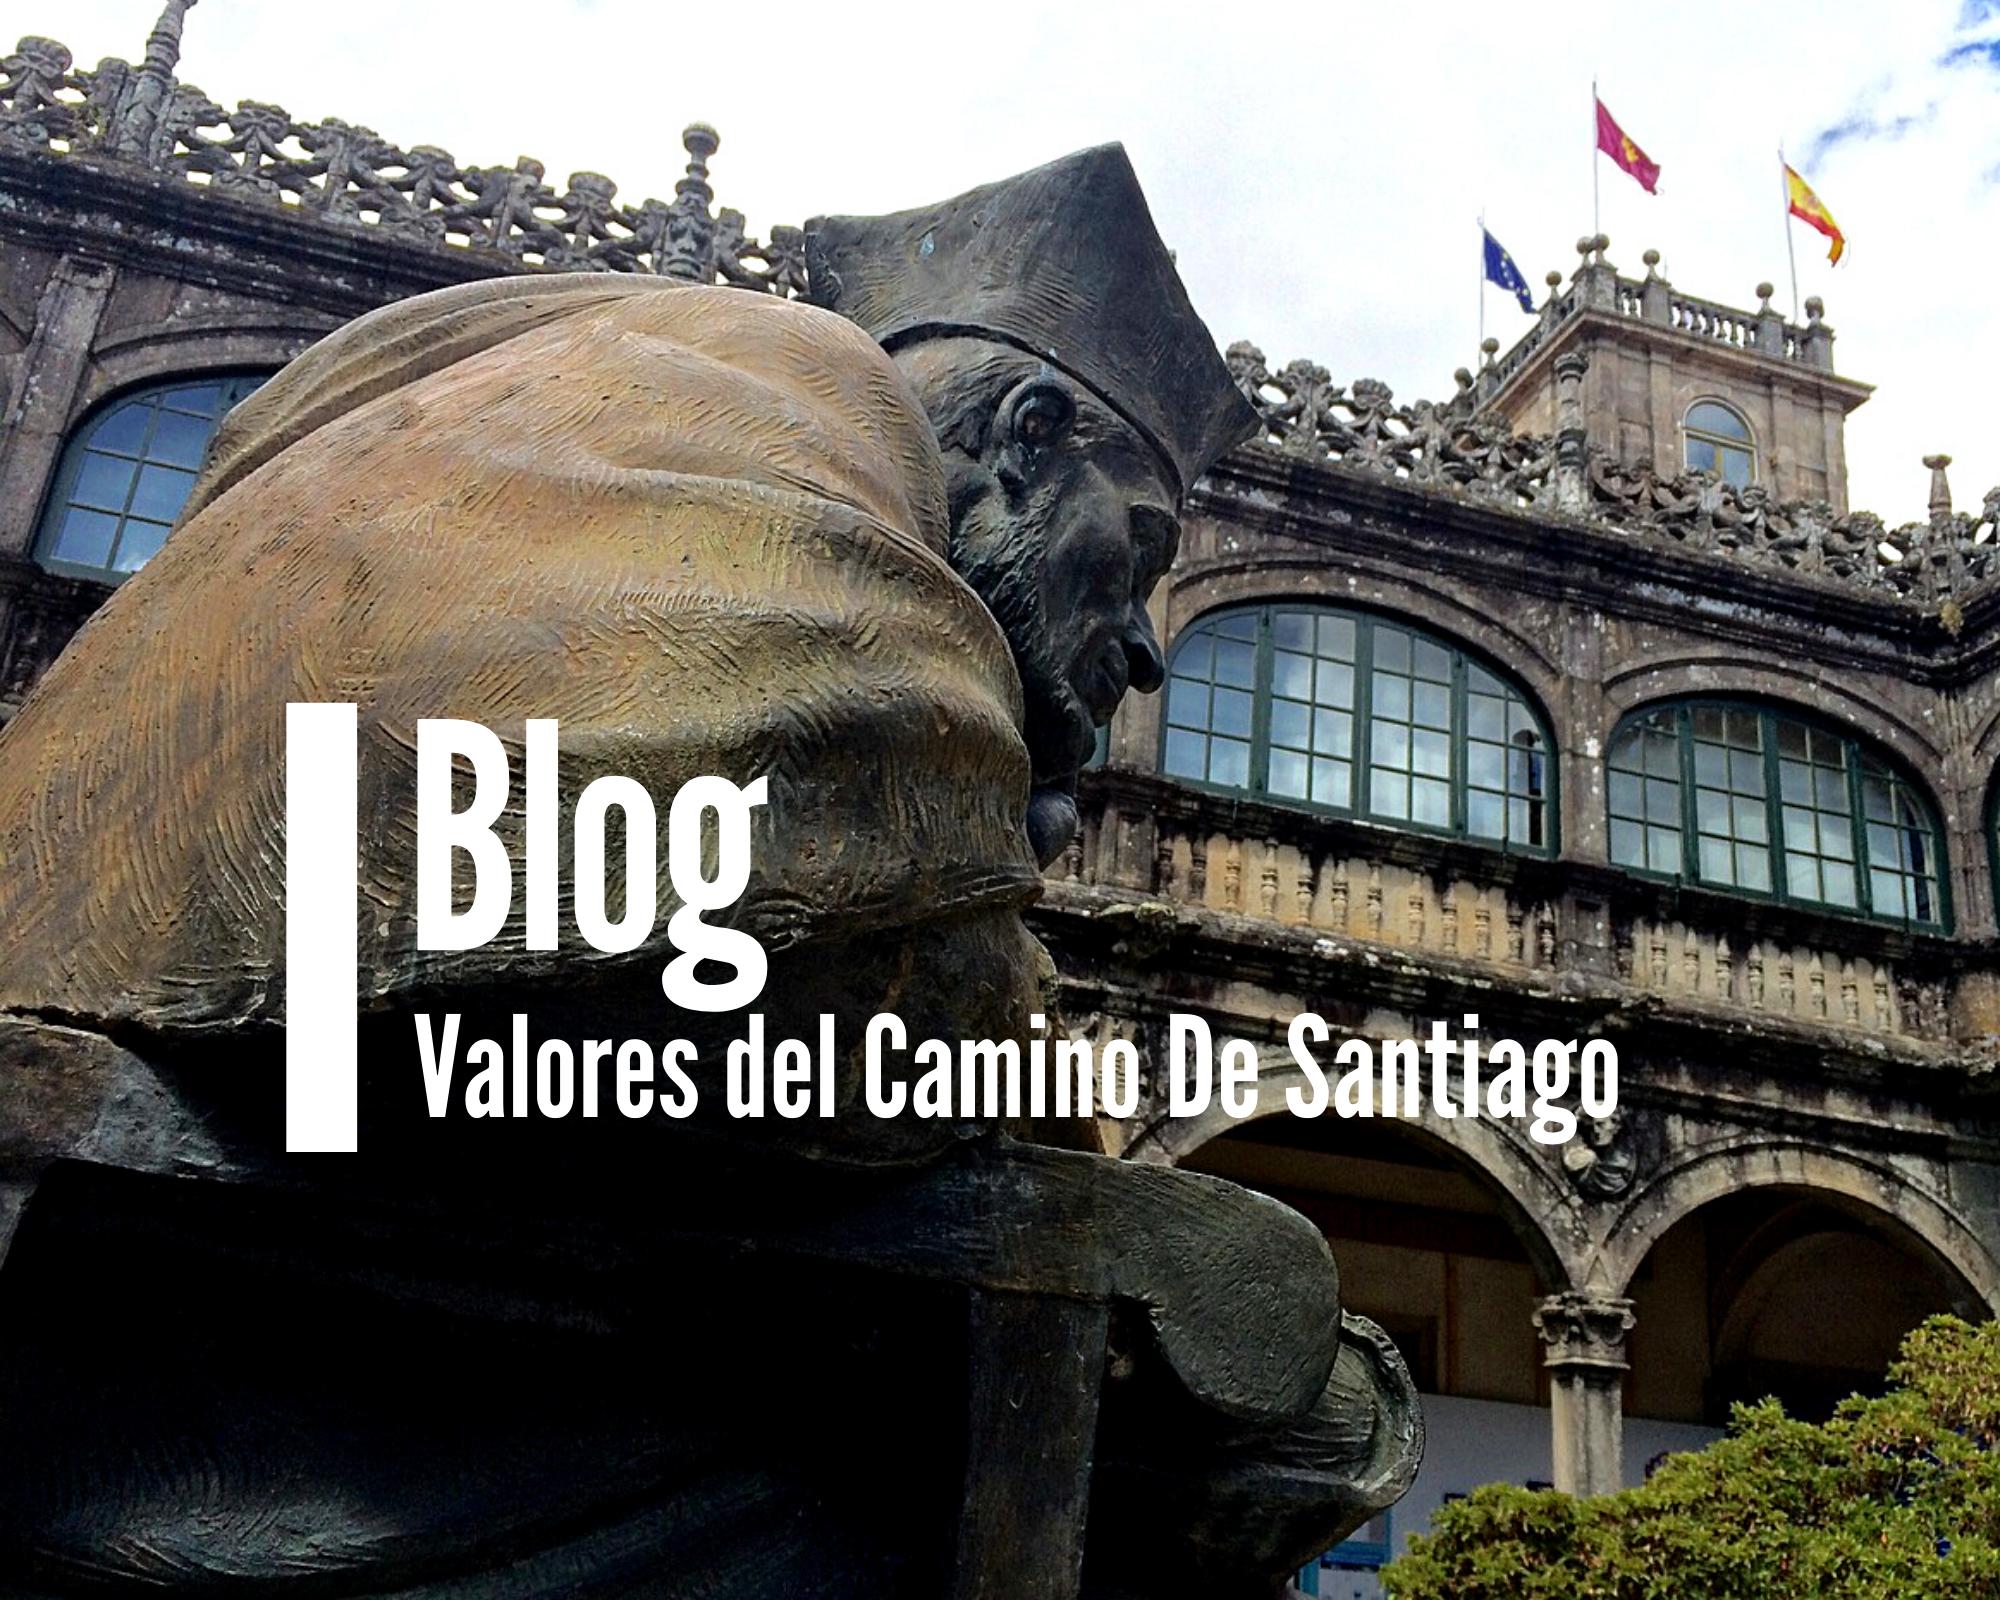 Los valores del Camino de Santiago